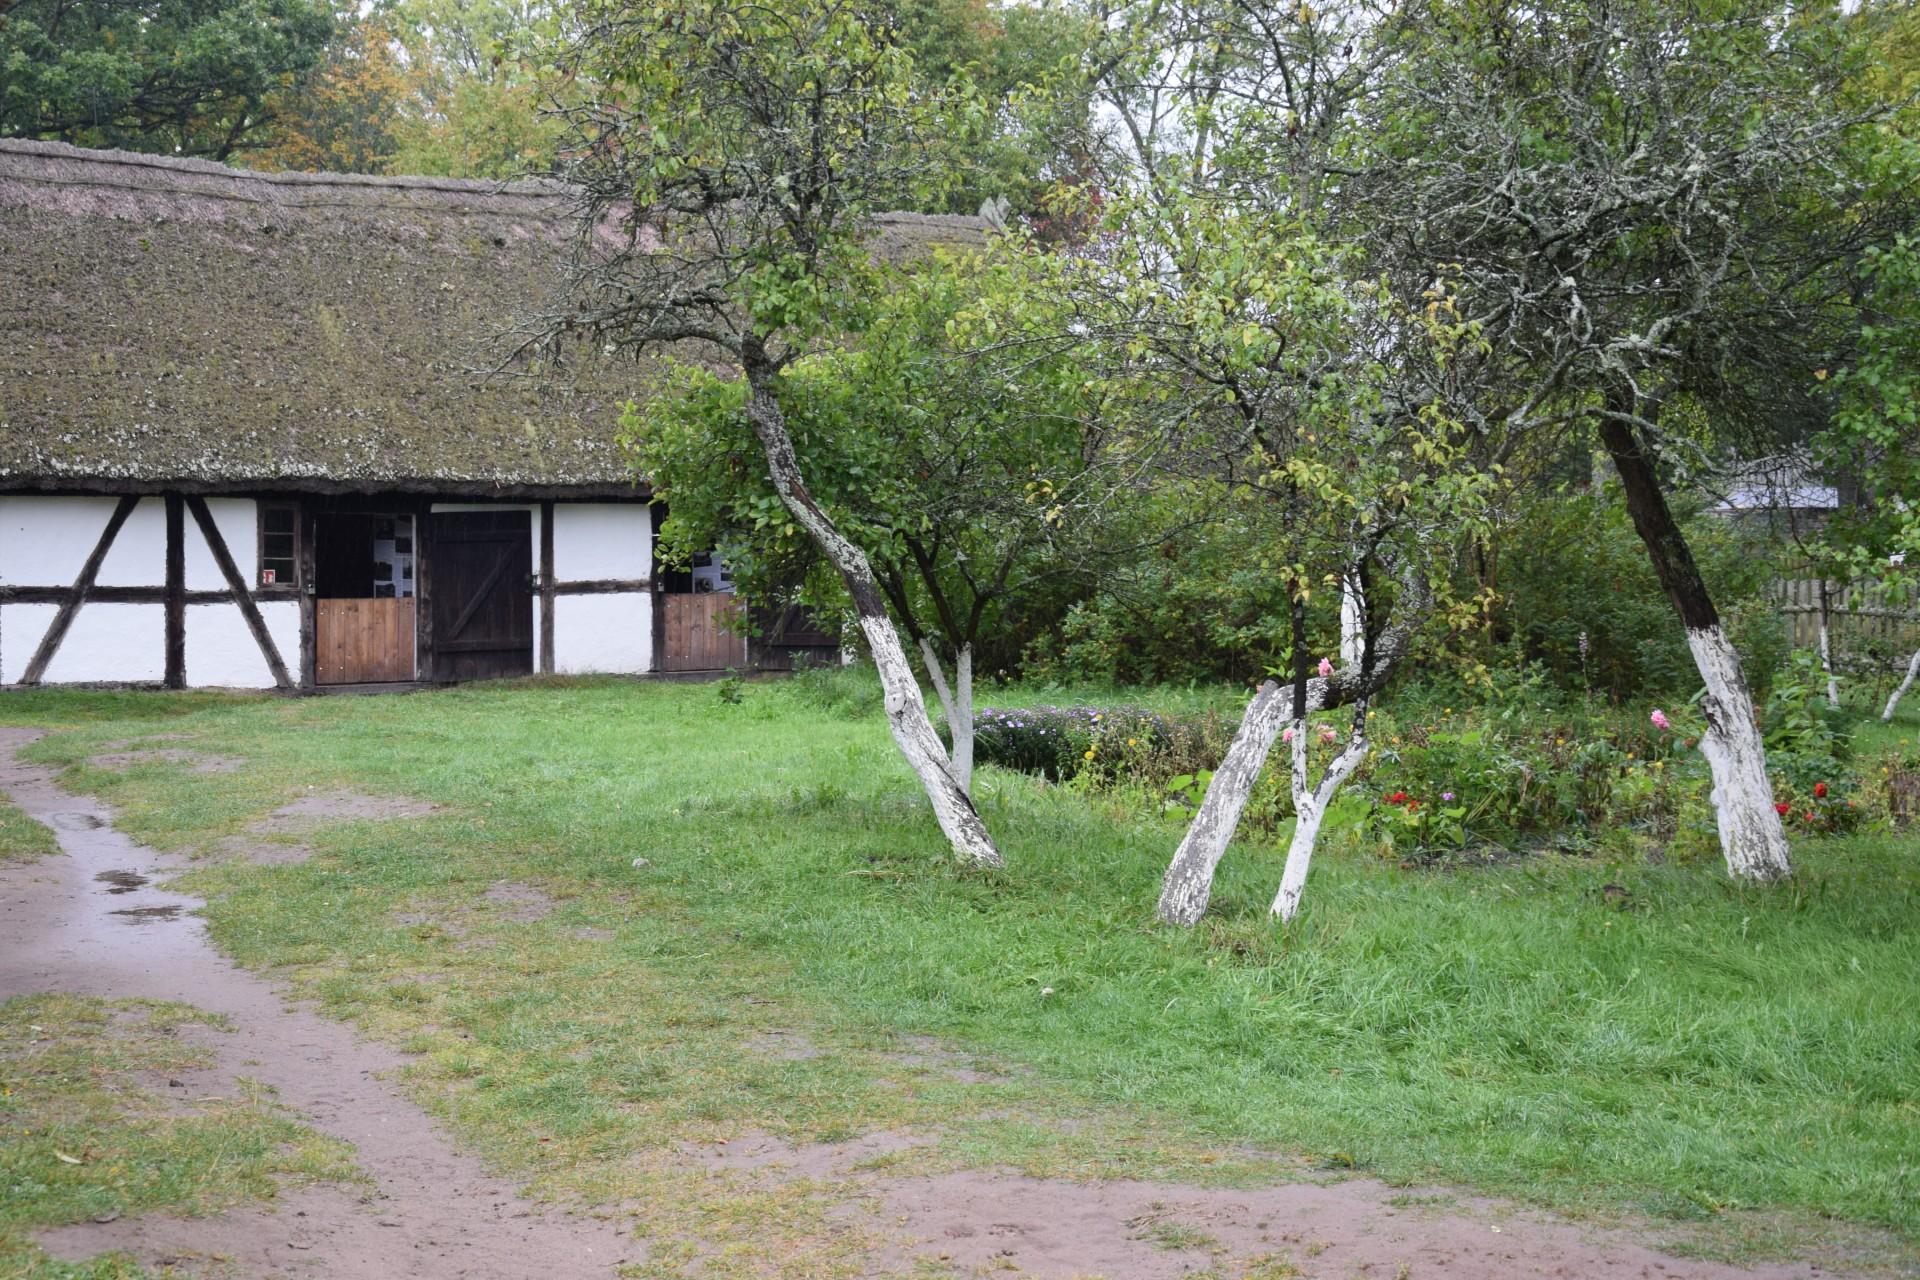 Pomyślunki wiatrem i deszczem smagane. Słowiński Park Narodowy 19